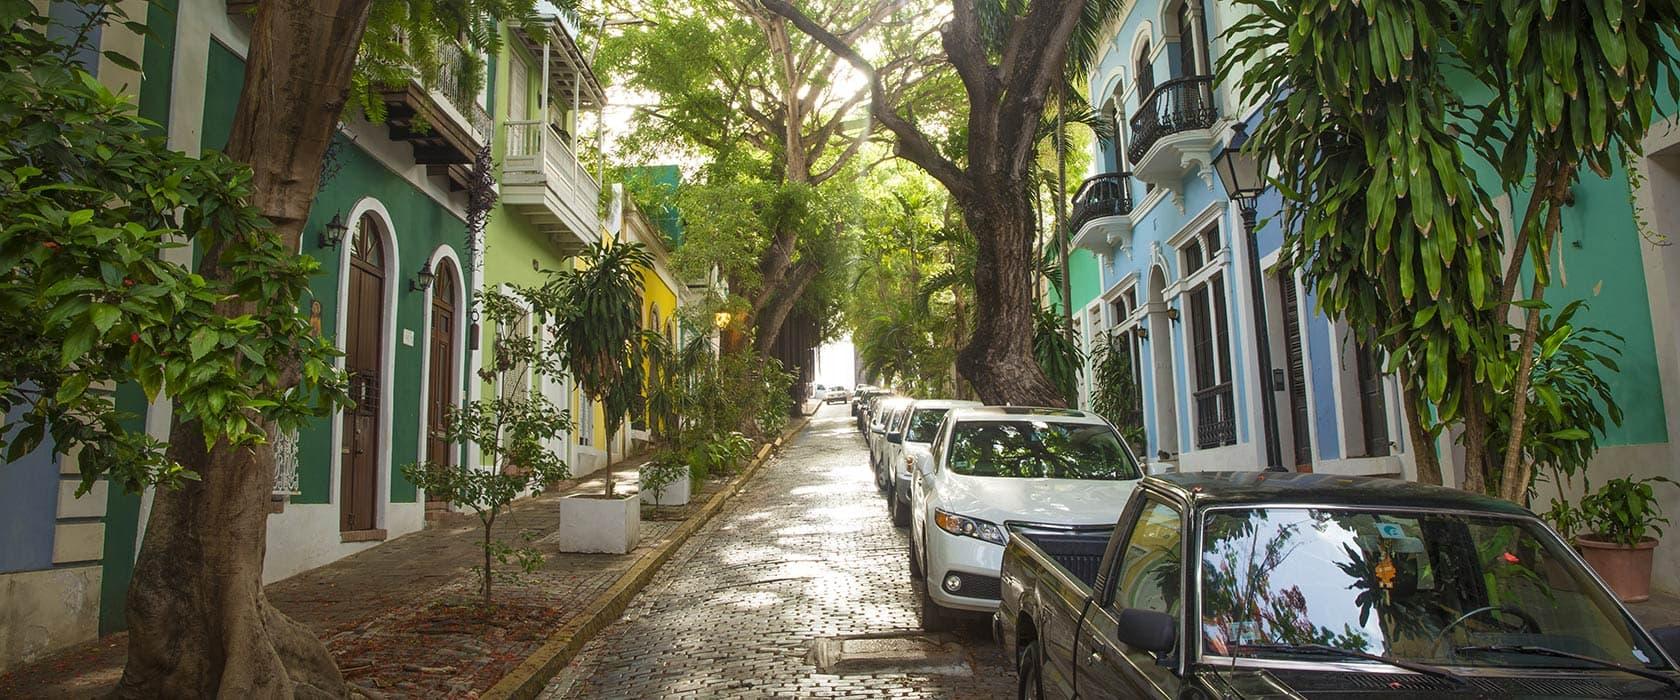 Atracciones y actividades, Caribe Hilton - San Juan, Puerto Rico